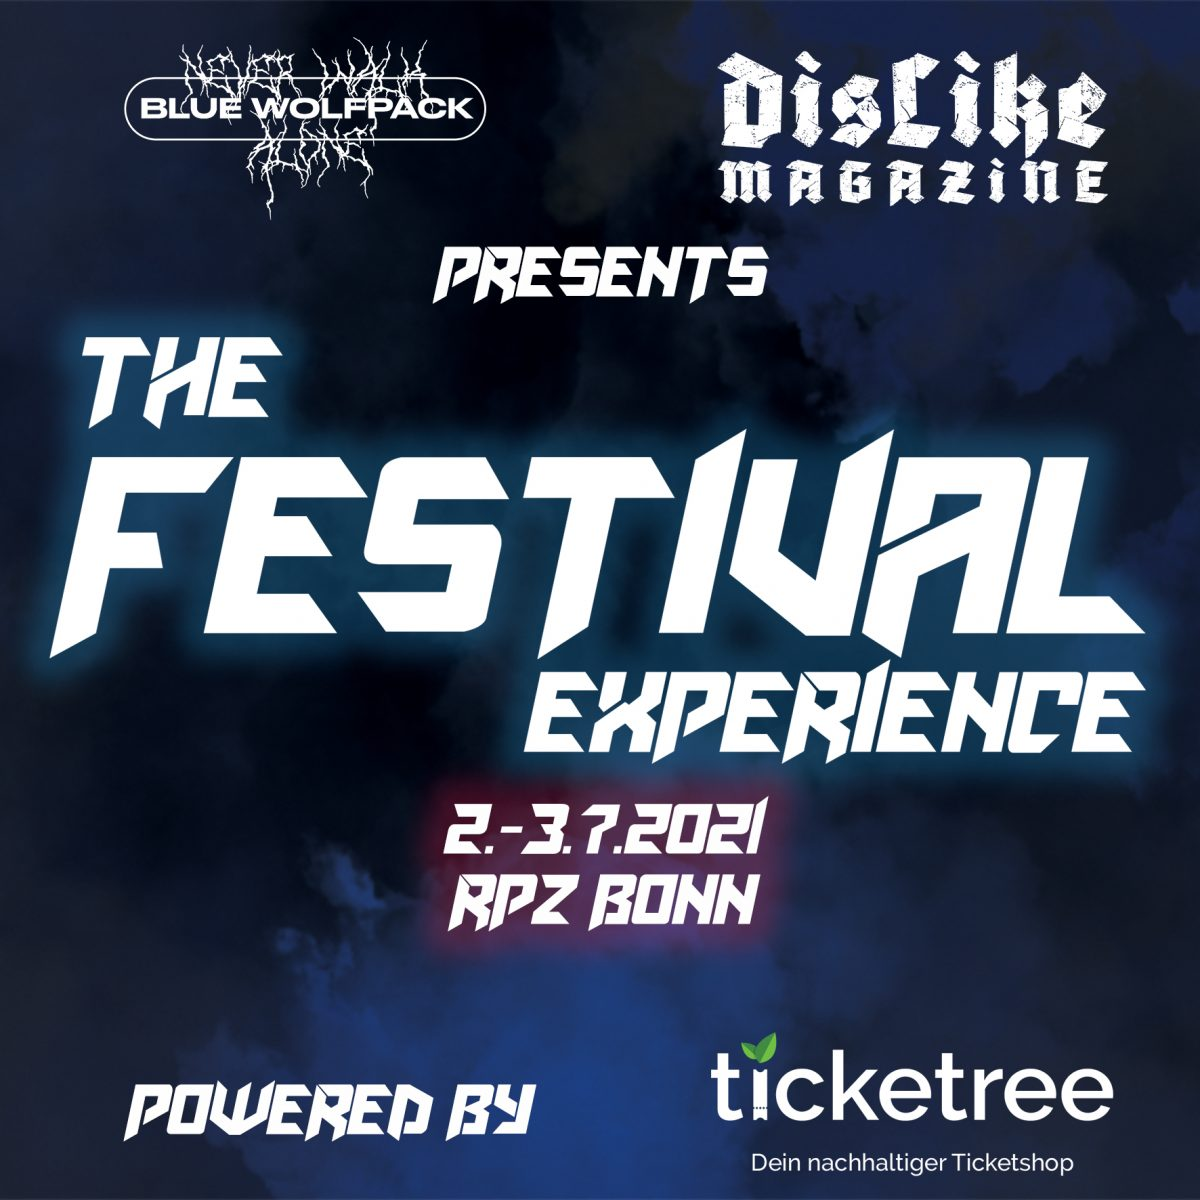 dislike-magazine-praesentiert-the-festival-experience